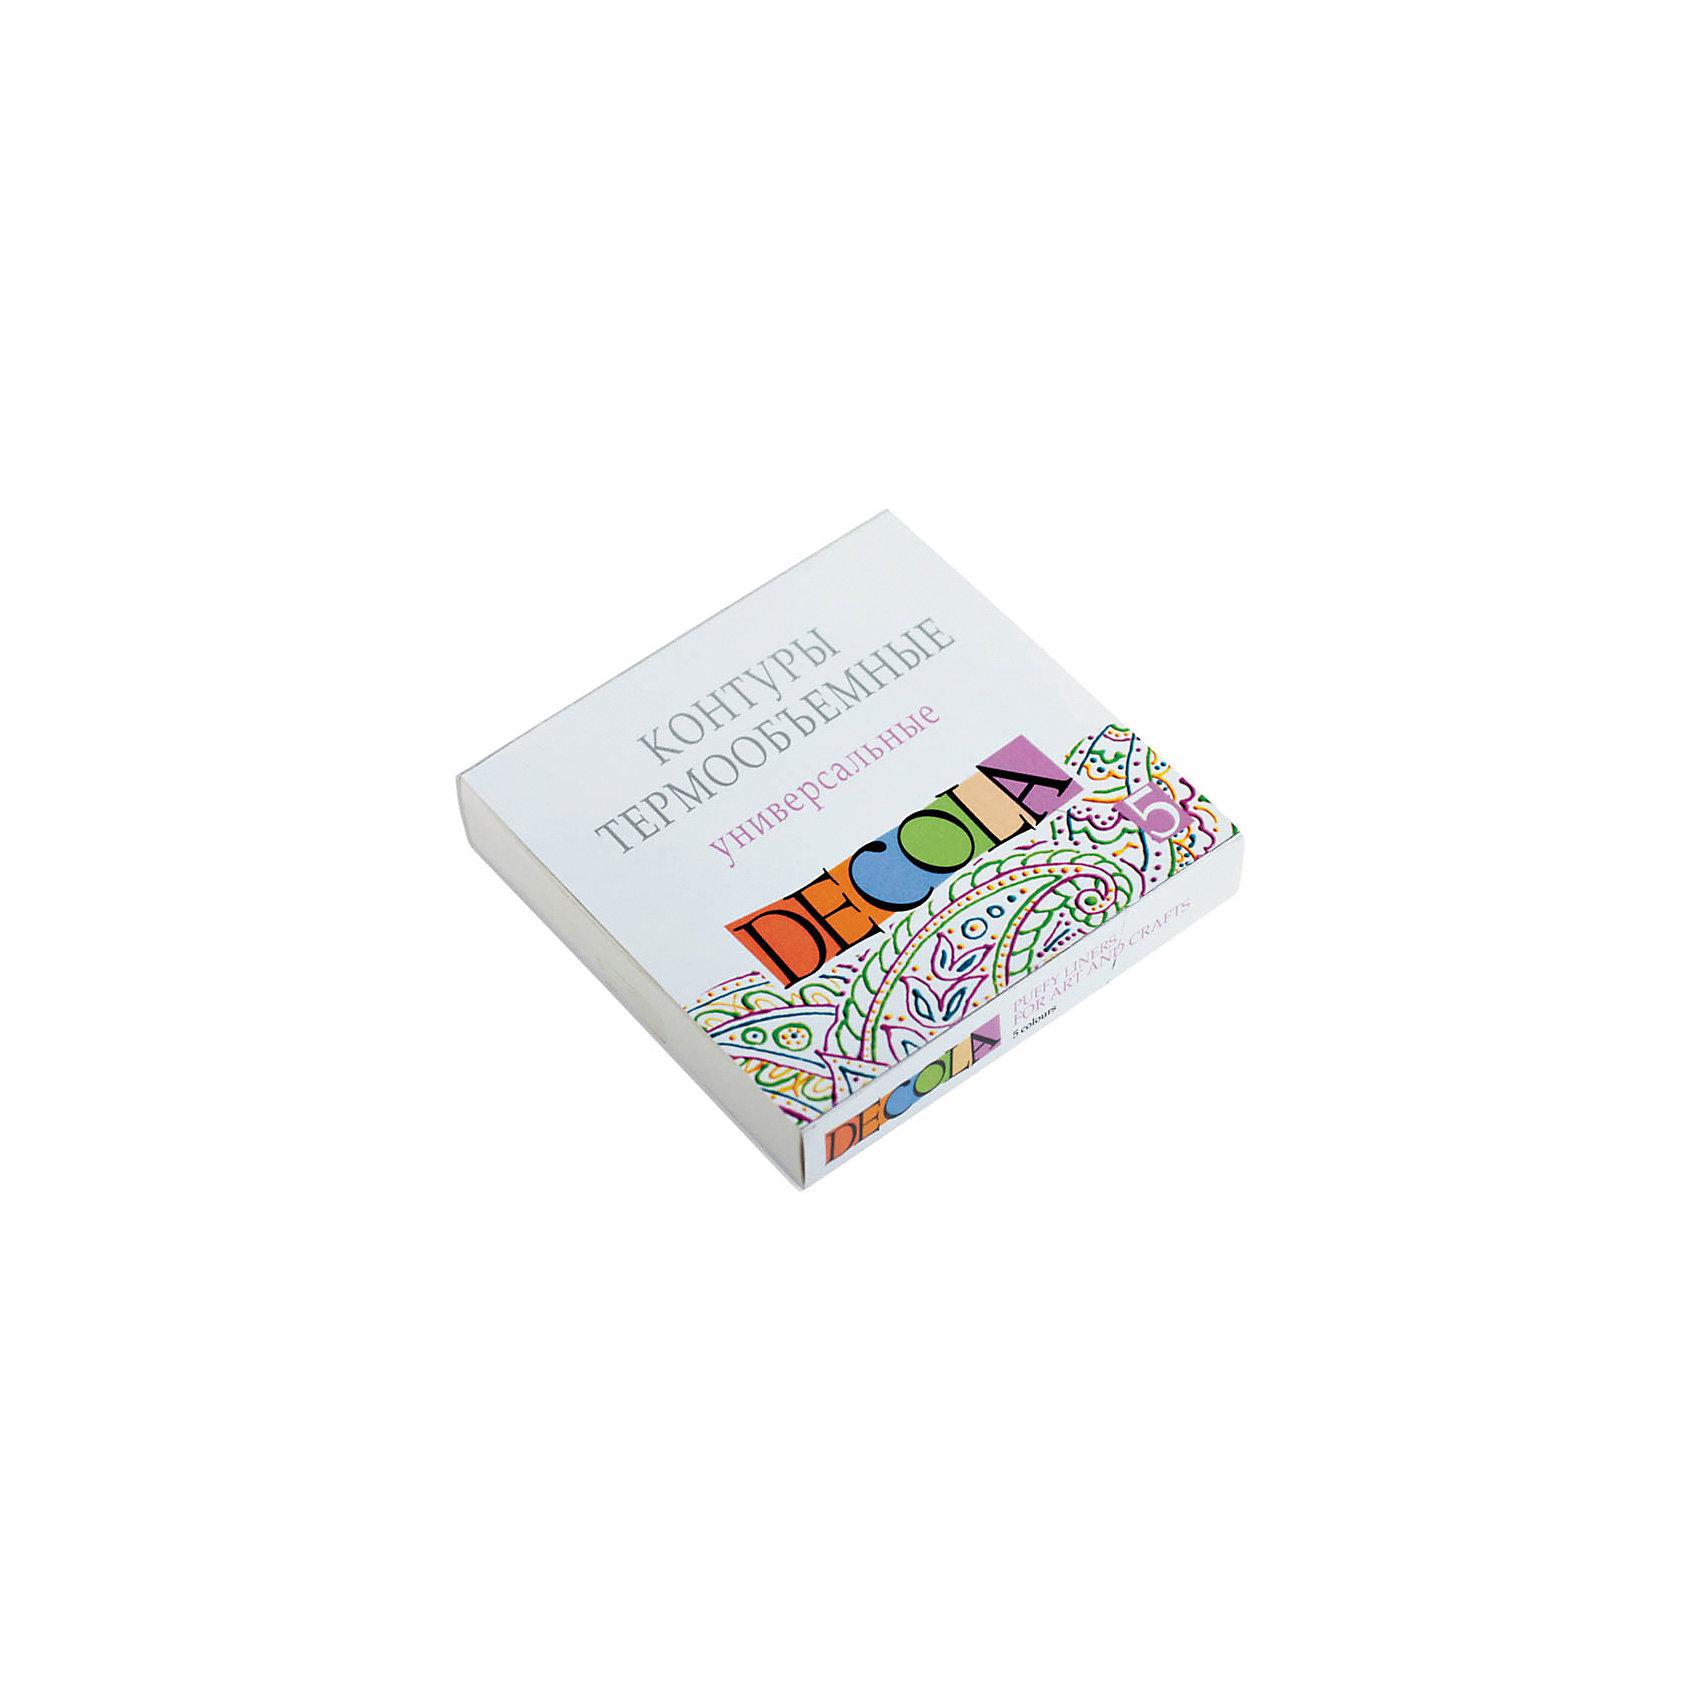 Контуры объемные Пуффи 5 цетов 9мл,DecolaКраски и кисточки<br>Тип: контуры<br>Количество цветов: 5<br>Емкость: туба<br>Объем емкости: 9<br>Объем общий: 45<br>Перламутровый эффект: нет<br>Флуоресцентный эффект: нет<br>Блестки/глиттер: нет<br>Упаковка ед. товара: картонная коробка<br>Наличие европодвеса: нет<br>Предназначены для создания объемных рисунков на различных поверхностях: ткани, холсте, дереве, керамике, фарфоре, коже. Для достижения объемного эффекта требуется термообработка<br><br>Ширина мм: 100<br>Глубина мм: 100<br>Высота мм: 20<br>Вес г: 38<br>Возраст от месяцев: 84<br>Возраст до месяцев: 2147483647<br>Пол: Унисекс<br>Возраст: Детский<br>SKU: 7044203